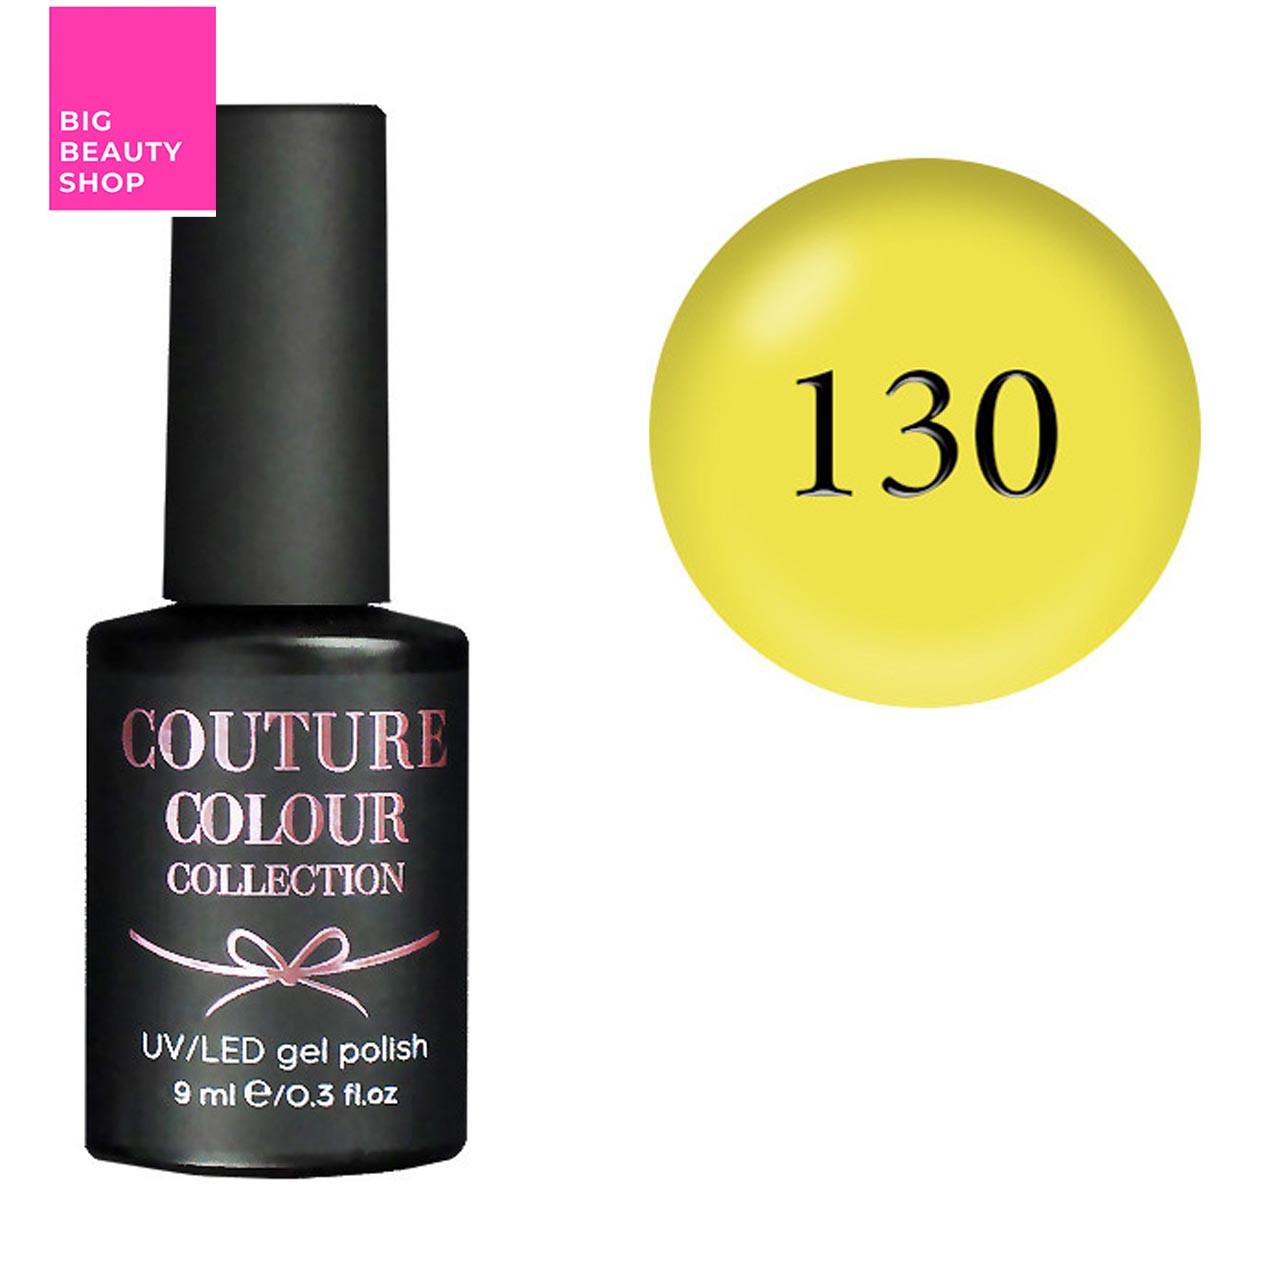 Гель-лак для ногтей Couture Colour №130 Плотный светло-желтый (эмаль) 9 мл